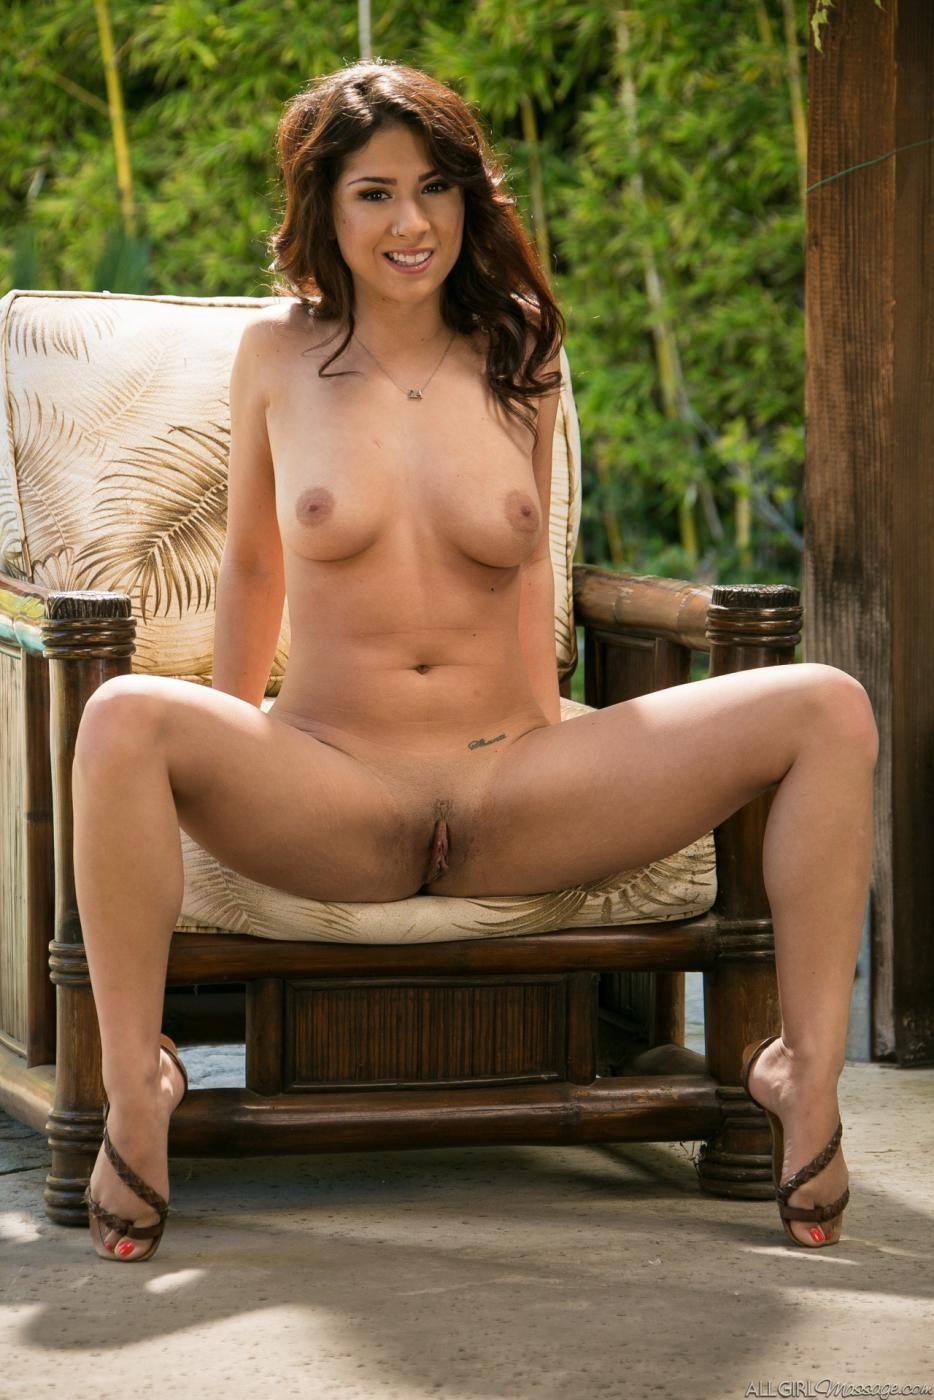 Selena gomez yoga naked pants gif